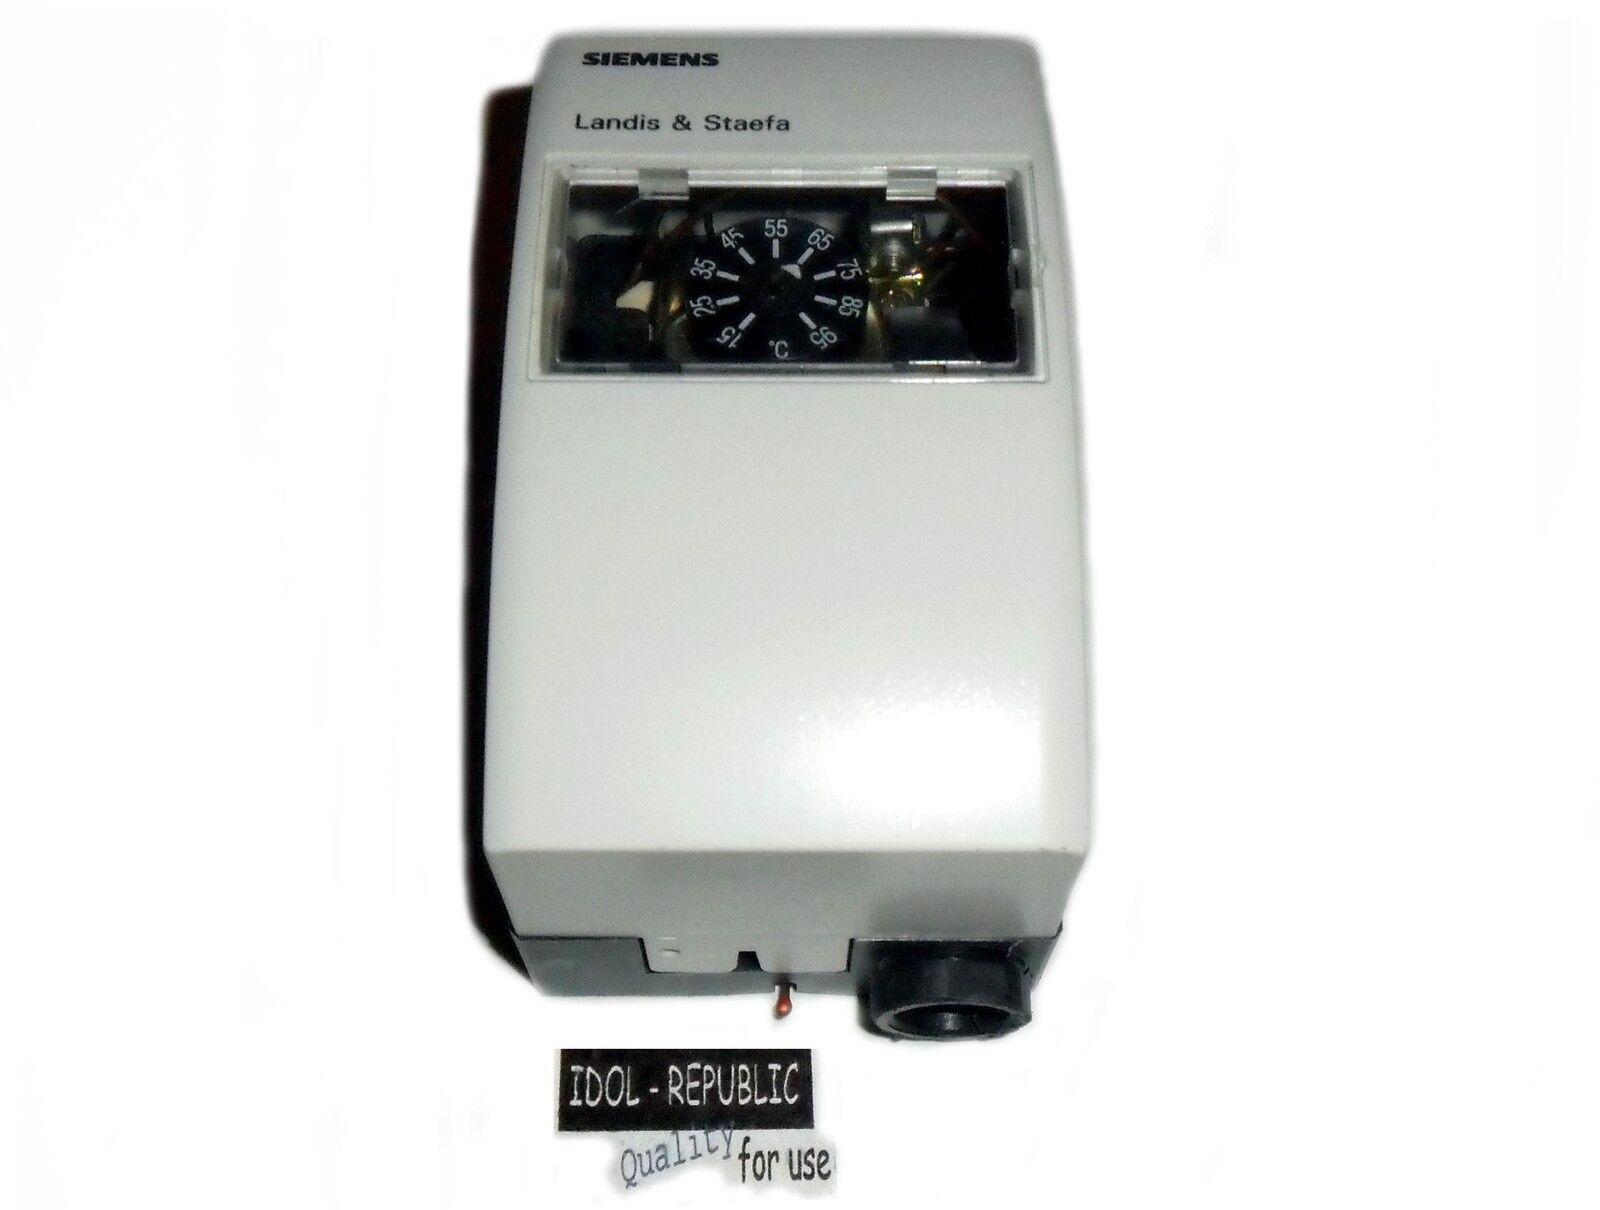 Siemens - Landis & Staefa Staefa Staefa - RAZ114.420 TW  - Thermostat - RAK82.4/3728 - e29404